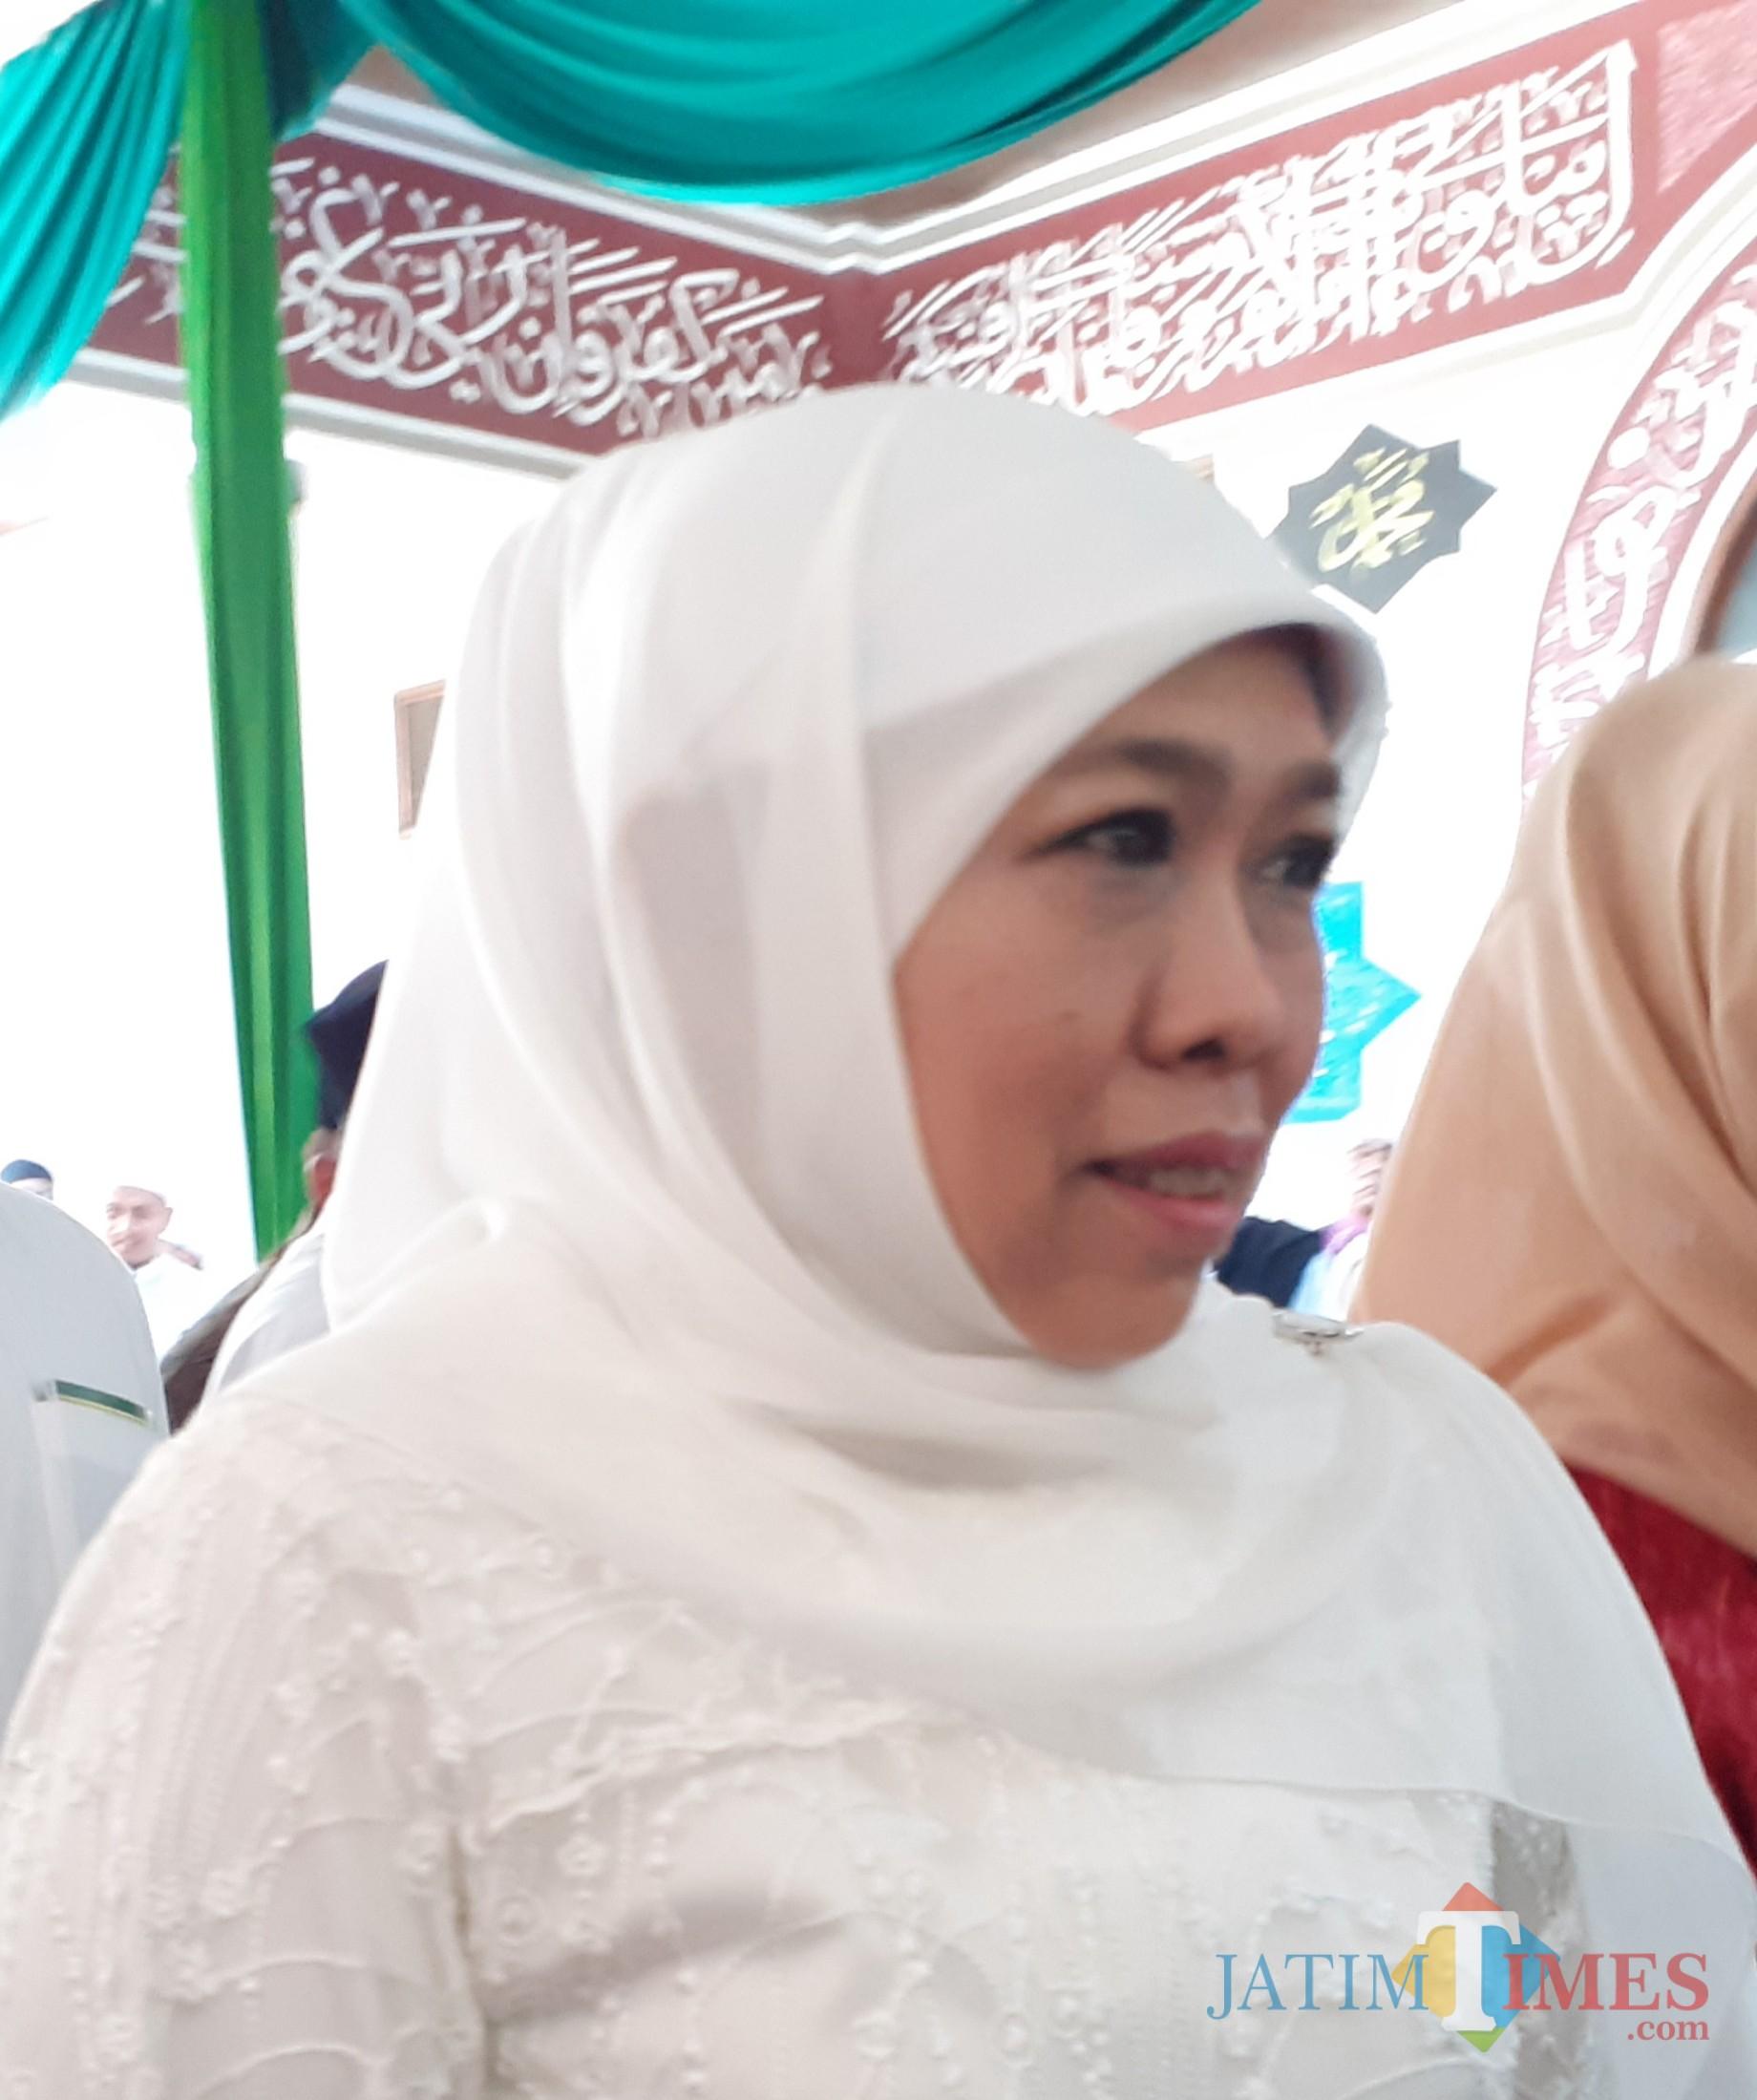 Gubernur Jawa Timur Khofifah Indar Parawansa (Arifina Cahyanti Firdausi/MalangTIMES)